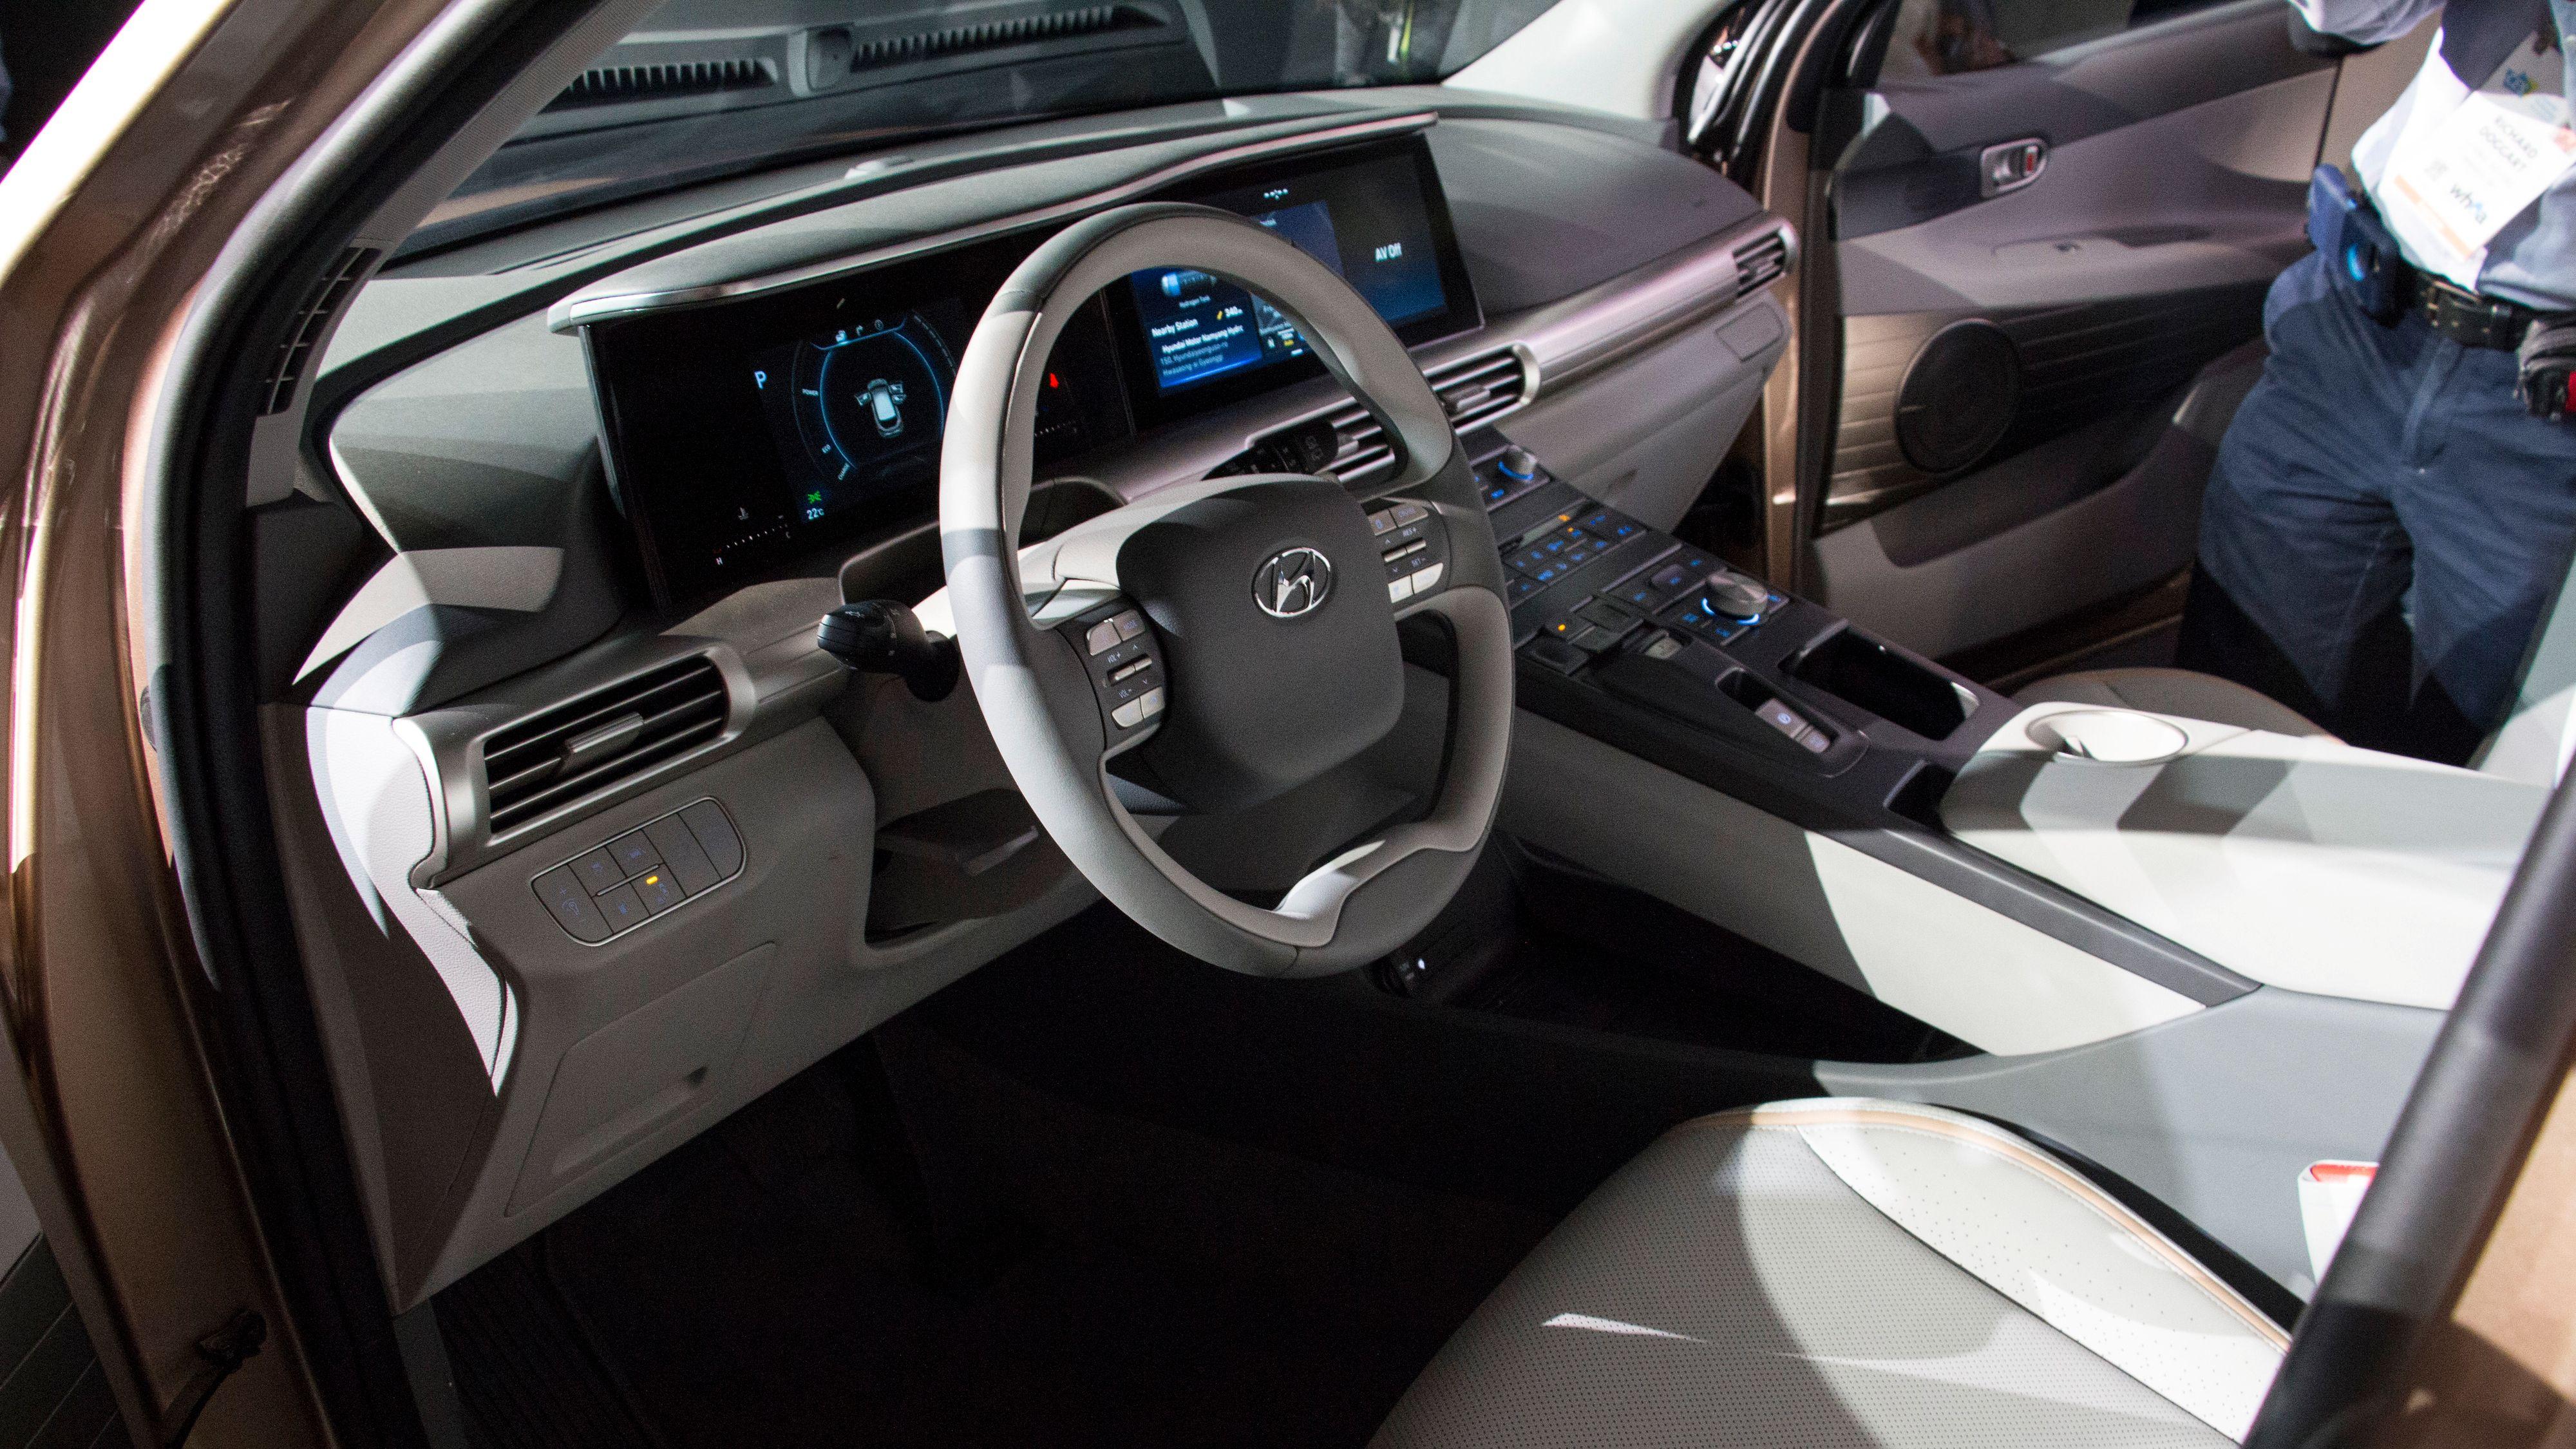 I førermiljøet er det brukt miljøvennlige materialer i stor grad. Bilen har også blant annet blindsonekamera, den har cruisekontroll med filholder på motorveien og kan parkere seg selv. Bilde: Stein Jarle Olsen, Tek.no